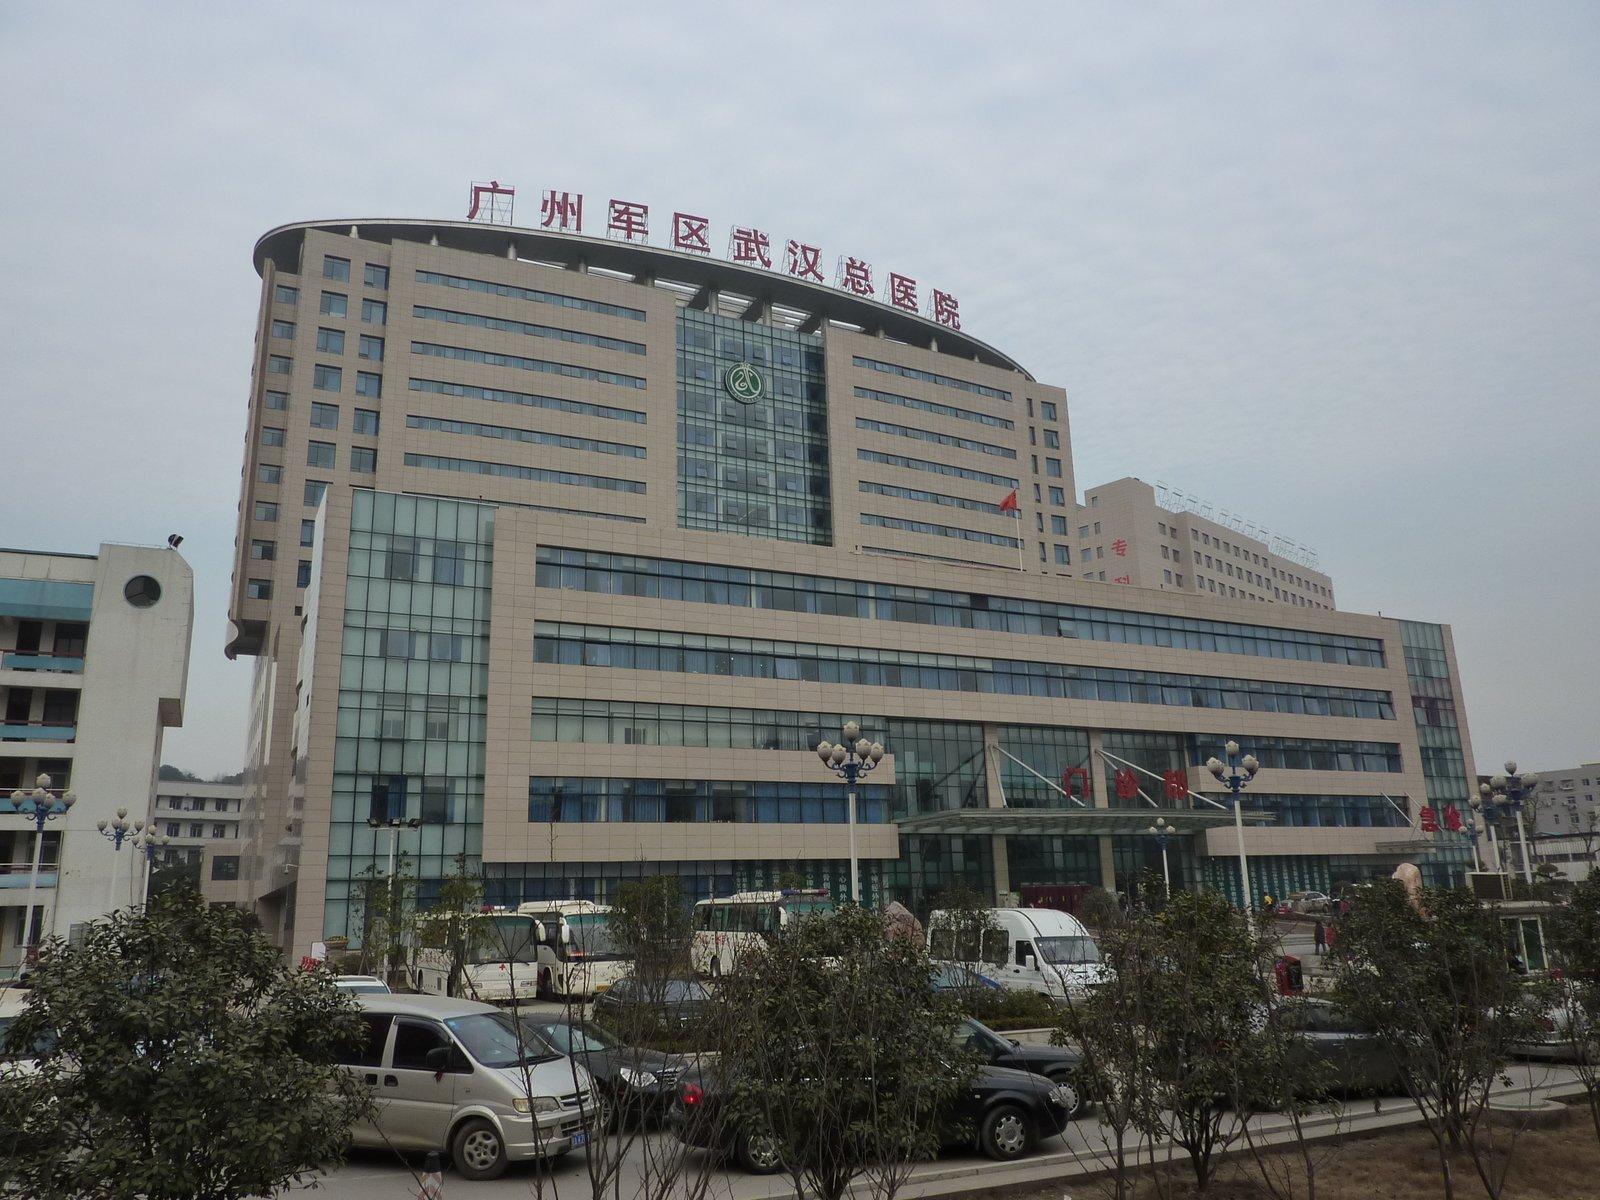 Bệnh viện chính Vũ Hán, vốn là một bệnh viện quân đội, đã quá tải khi dịch viêm phổi cấp lây nhiễm với tốc độ nhanh